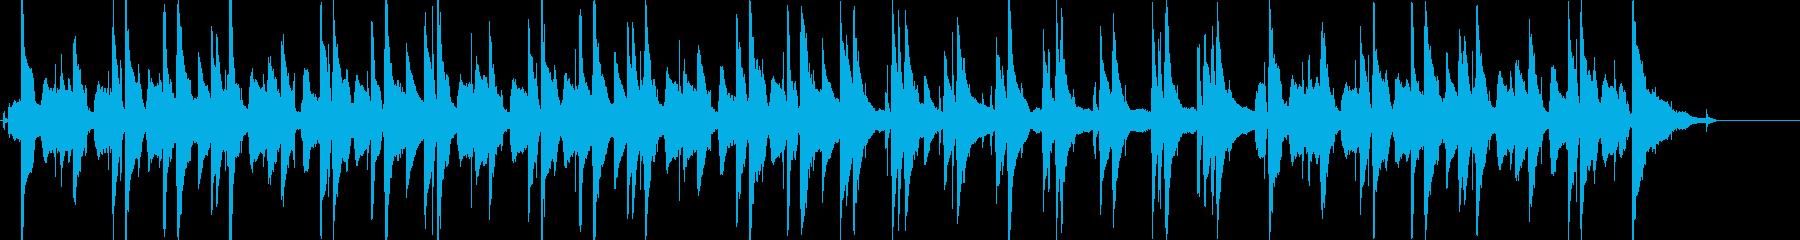 シンプルながら大人な雰囲気のJazzの再生済みの波形